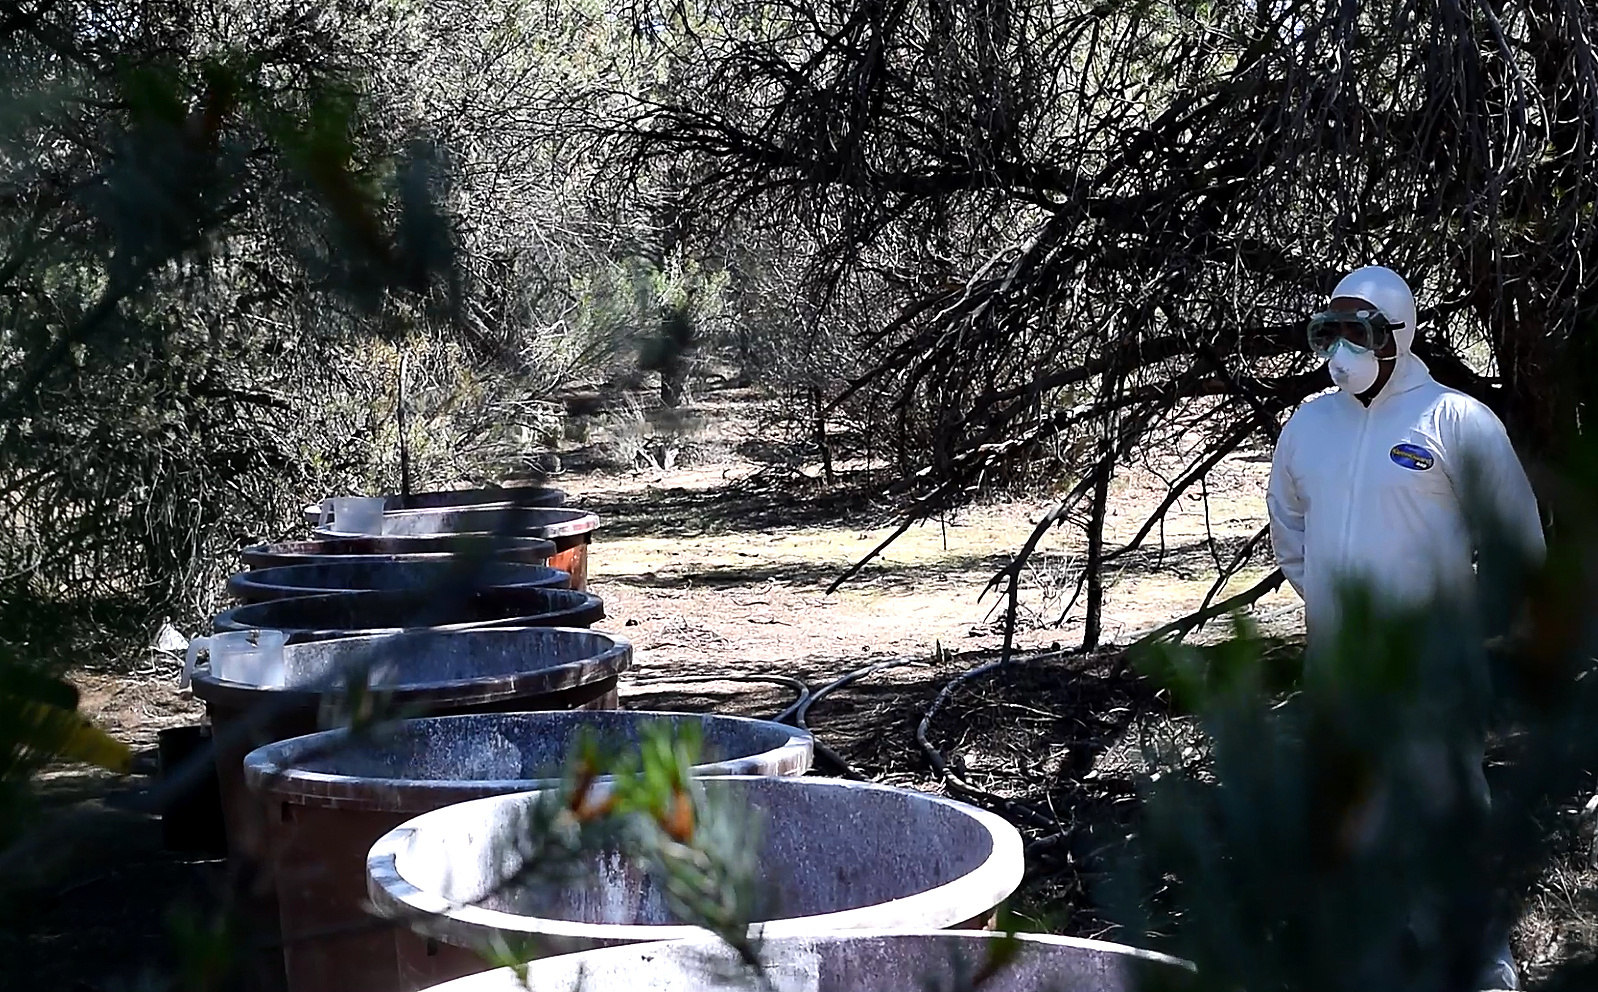 Ejército decomisa cuatro toneladas de cristal en narcolaboratorio encontrado en B. California